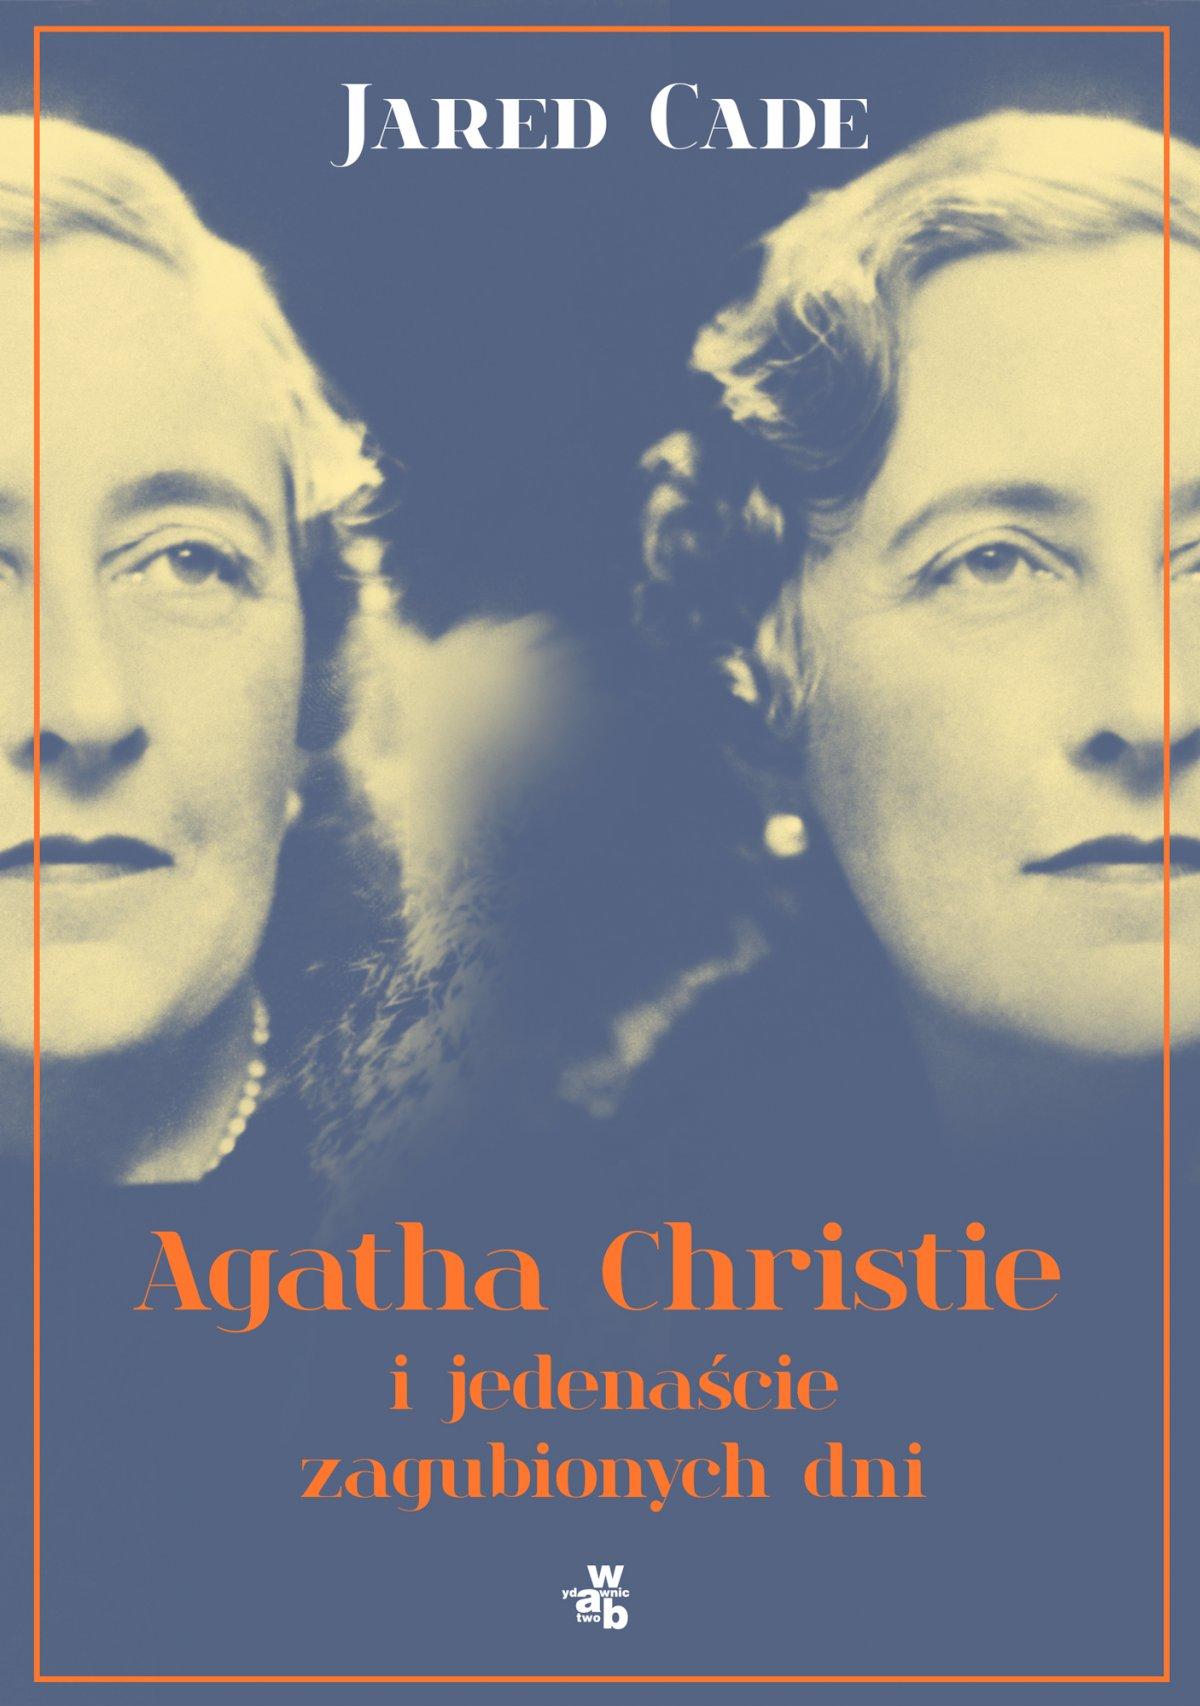 Agatha Christie i jedenaście zaginionych dni - Jared Cade